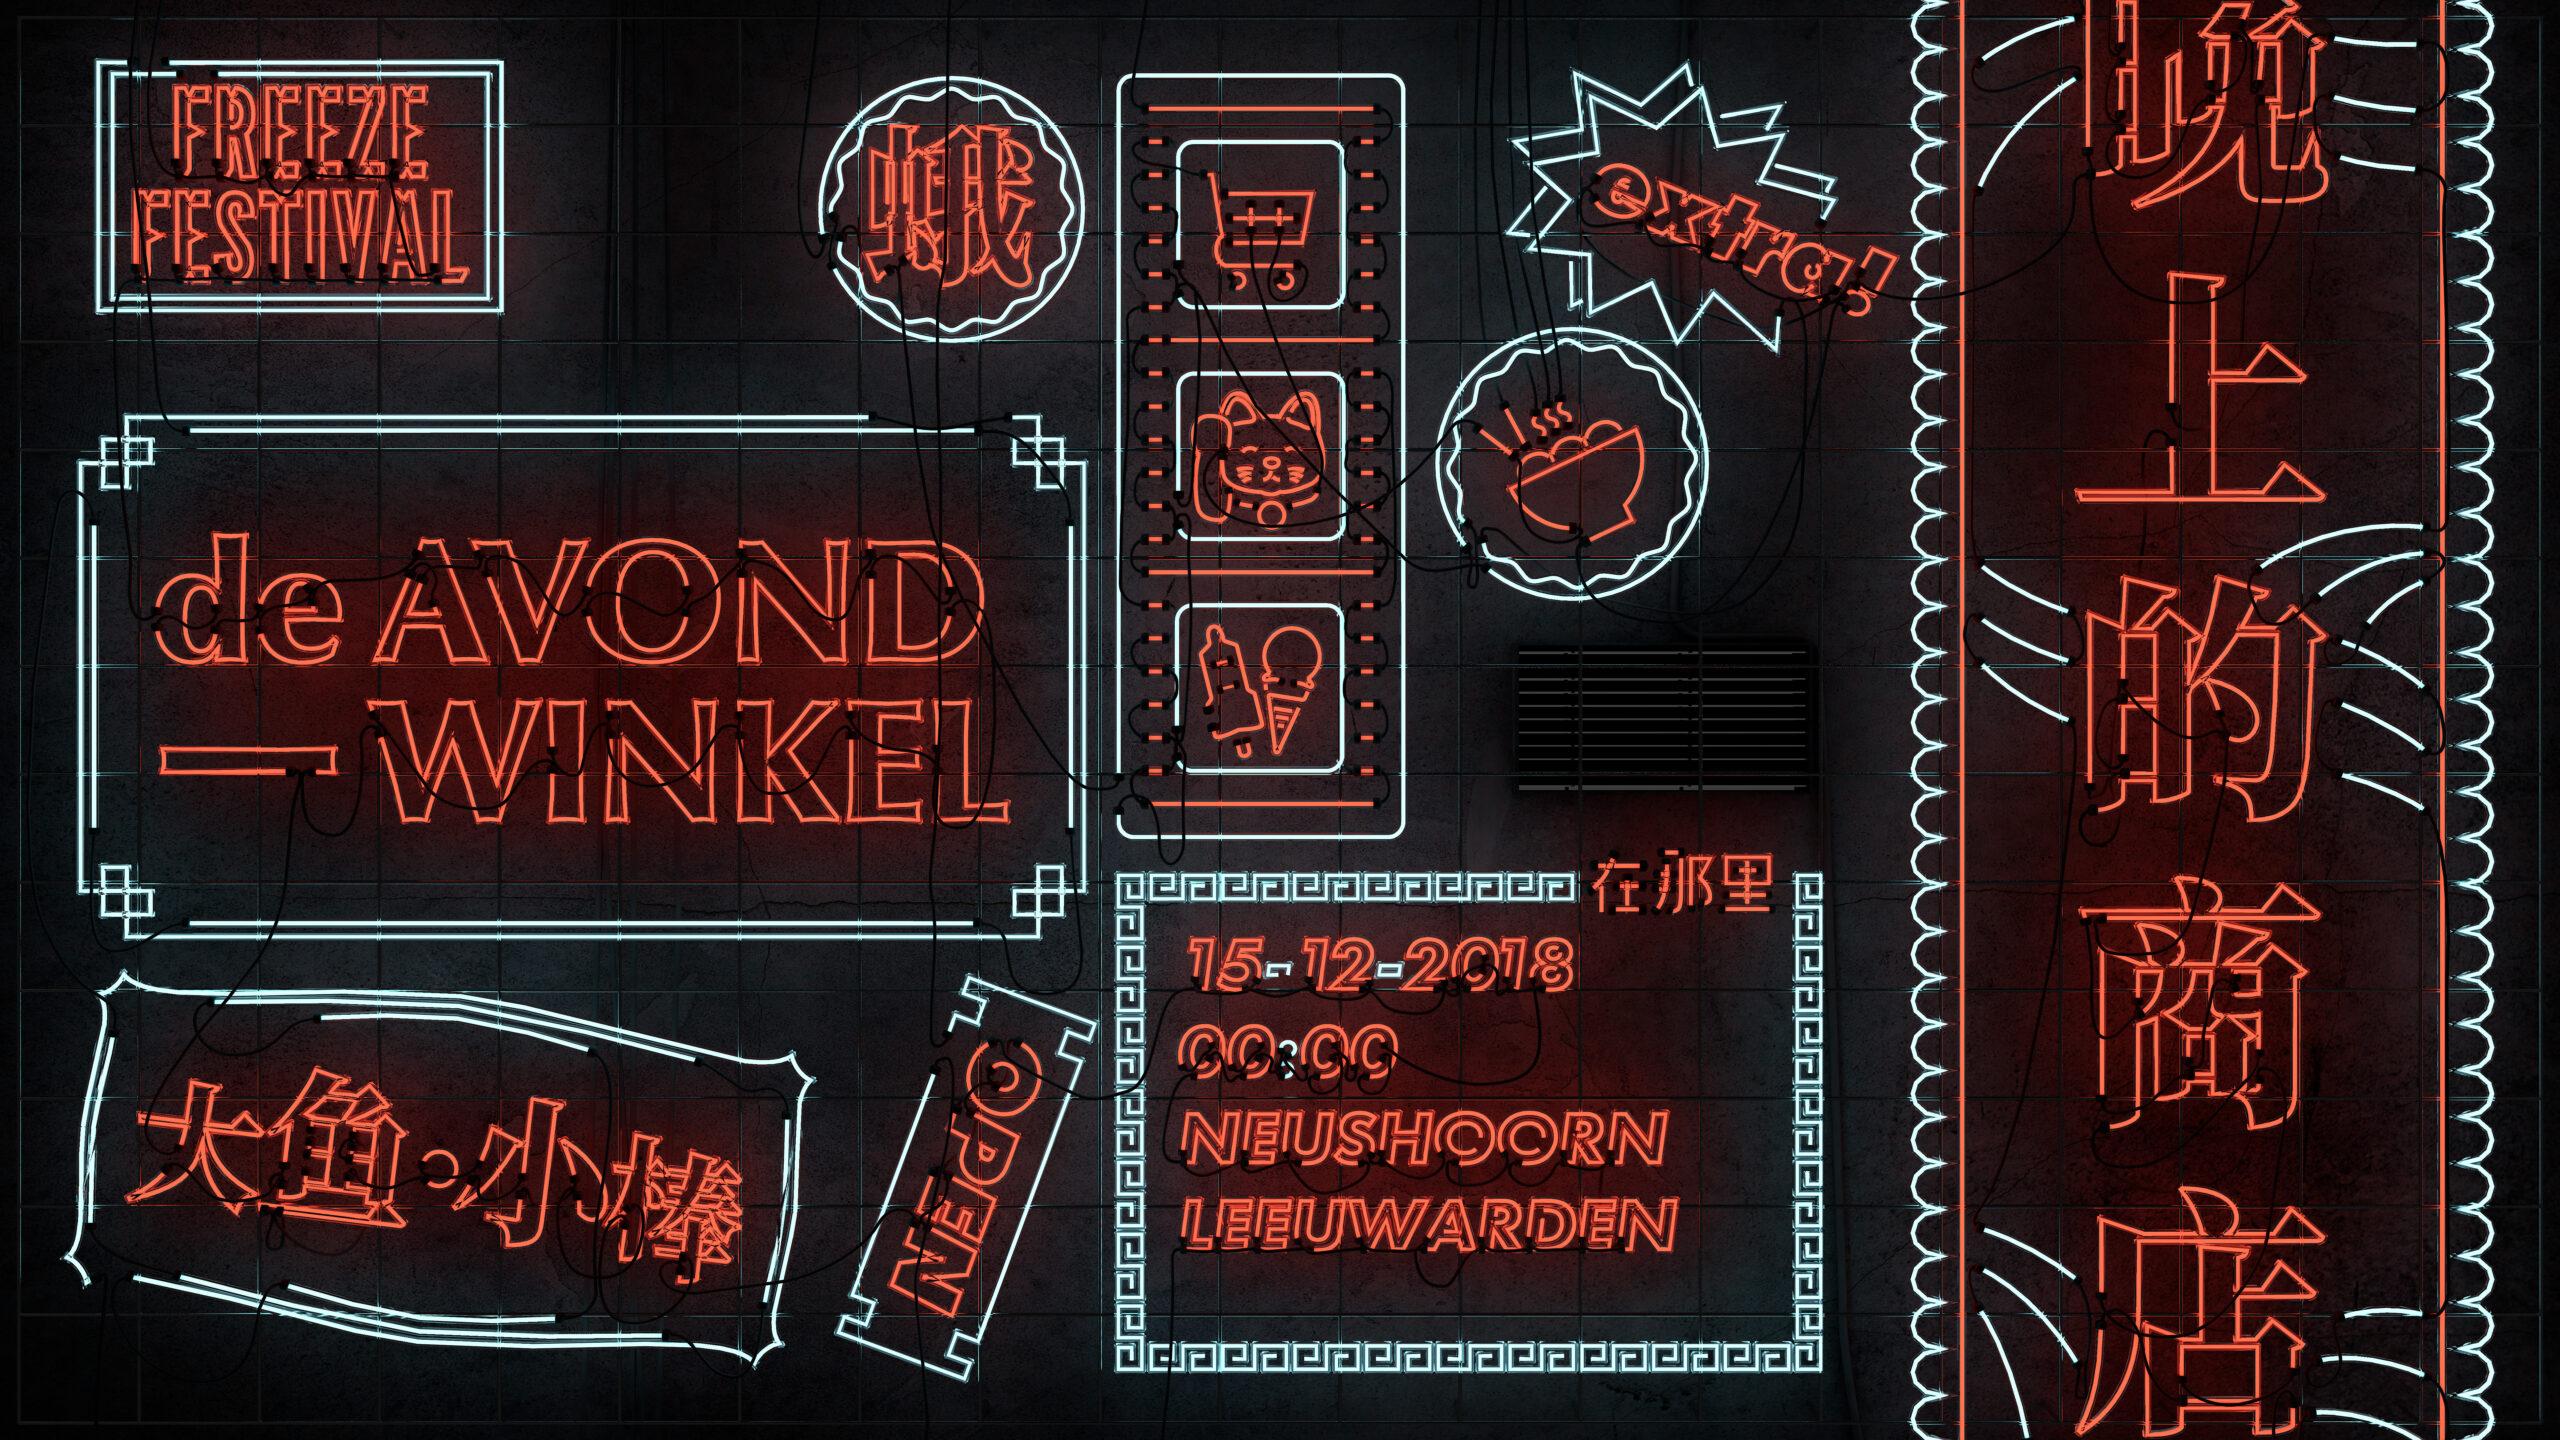 avondwinkel_event_cover_neon_duo_tone